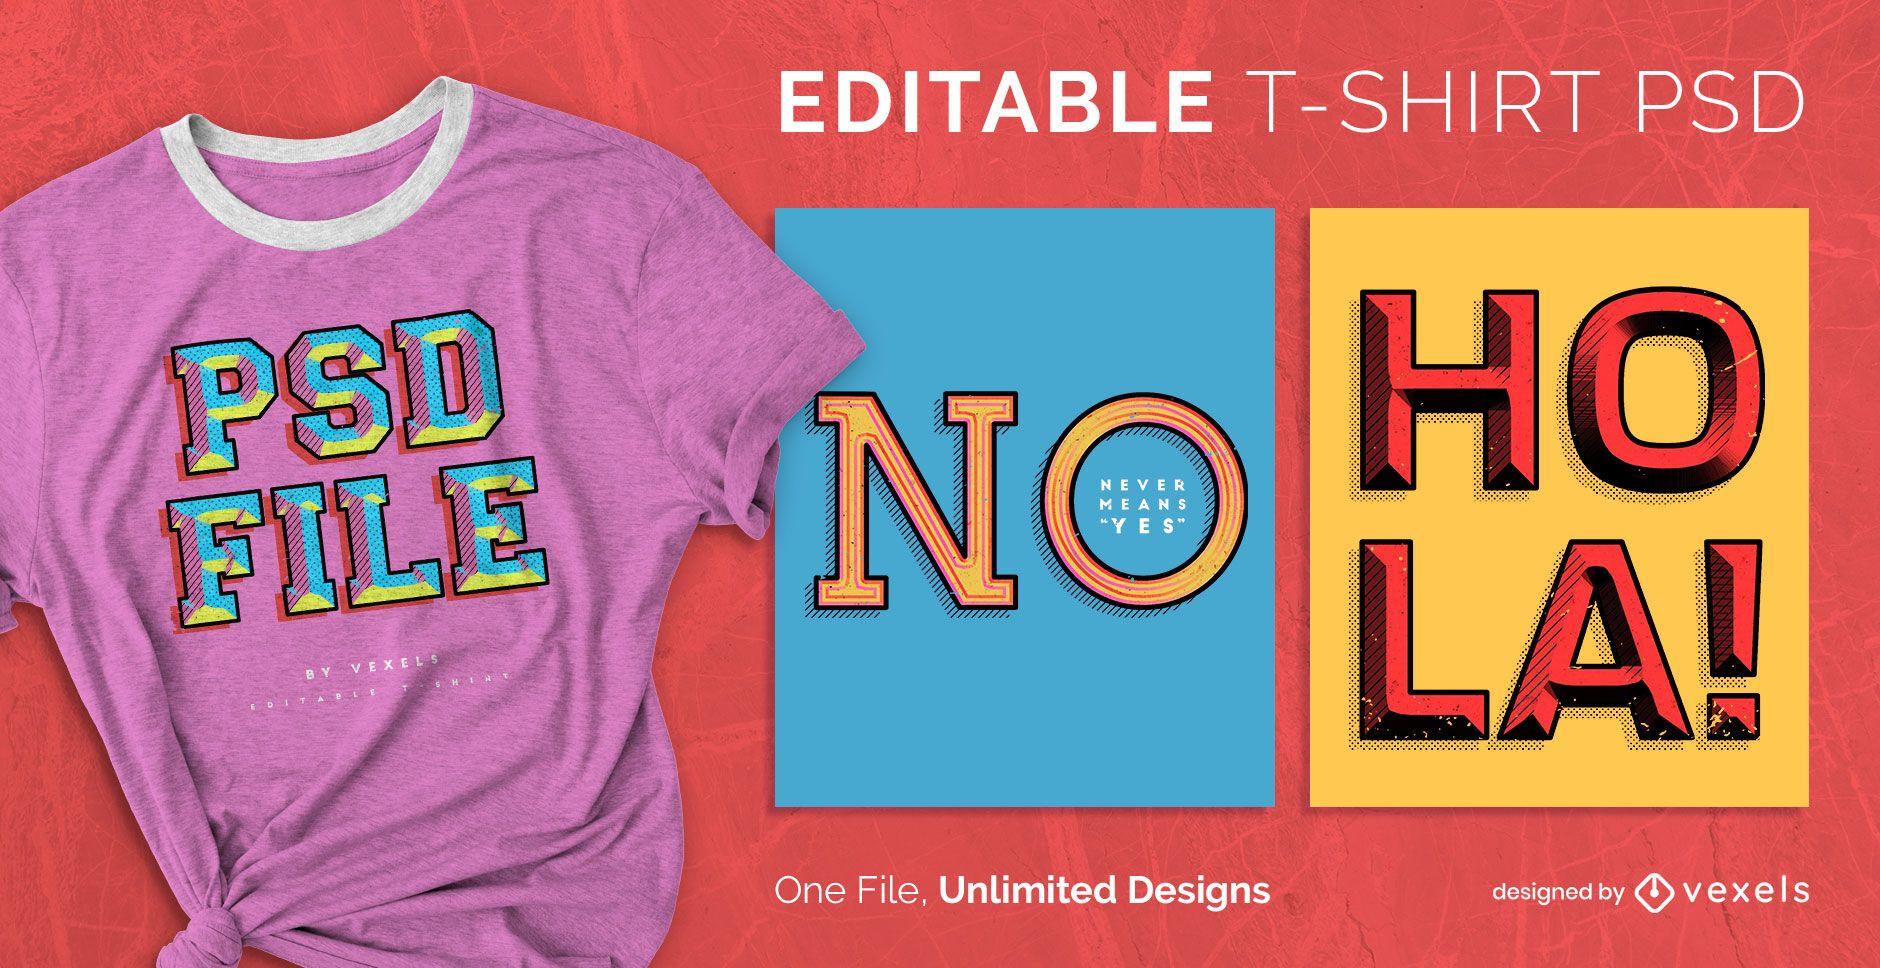 Diseño de camiseta escalable PSD con efecto de texto retro.